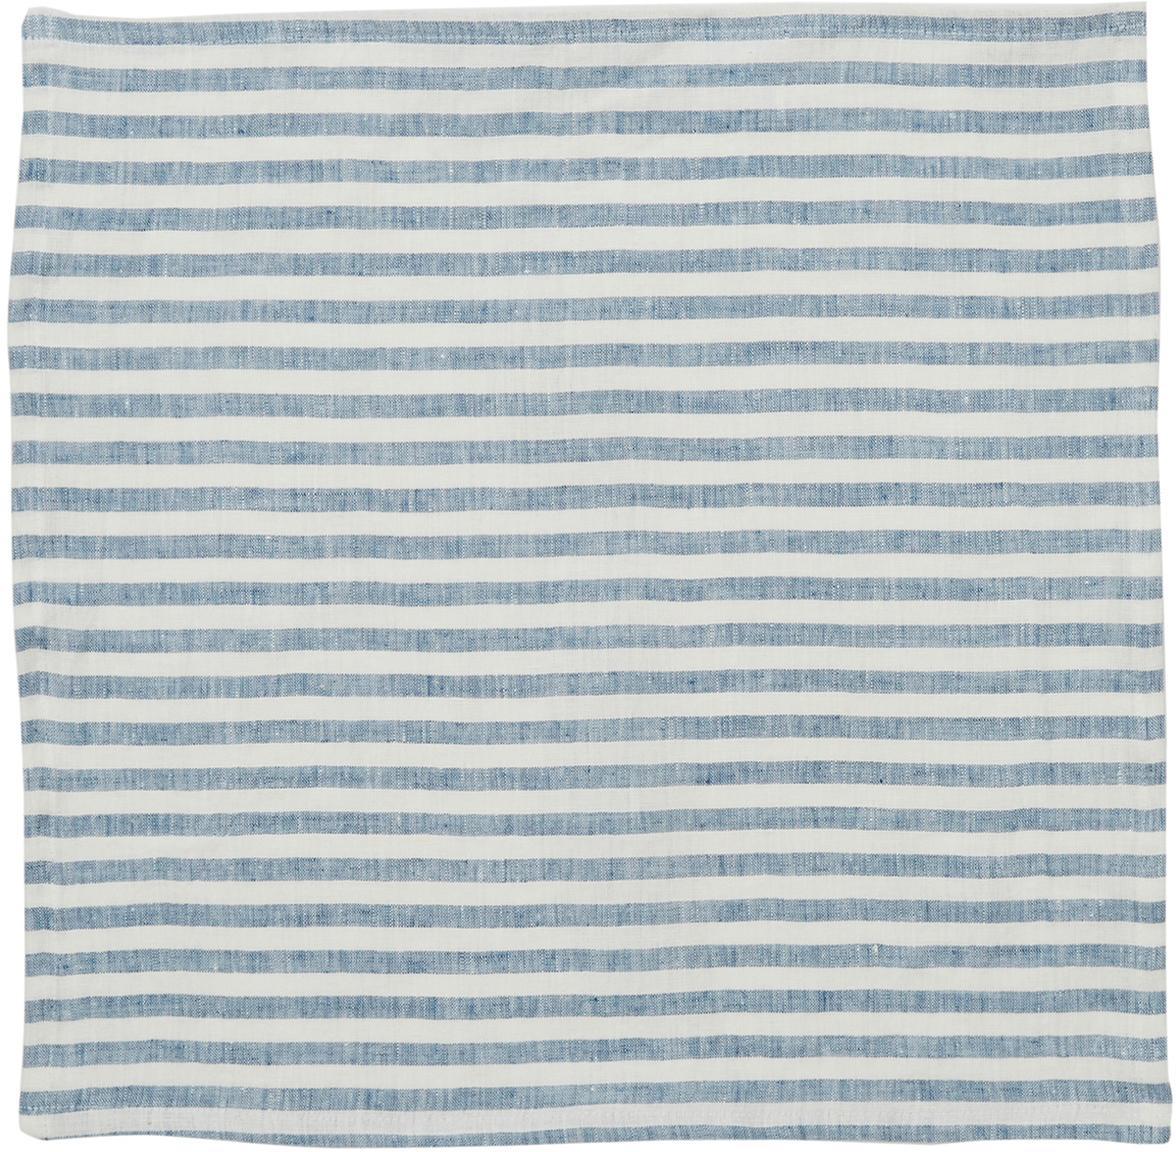 Servilletas de lino Solami, 6uds., Lino, Azul claro, blanco, An 46 x L 46 cm